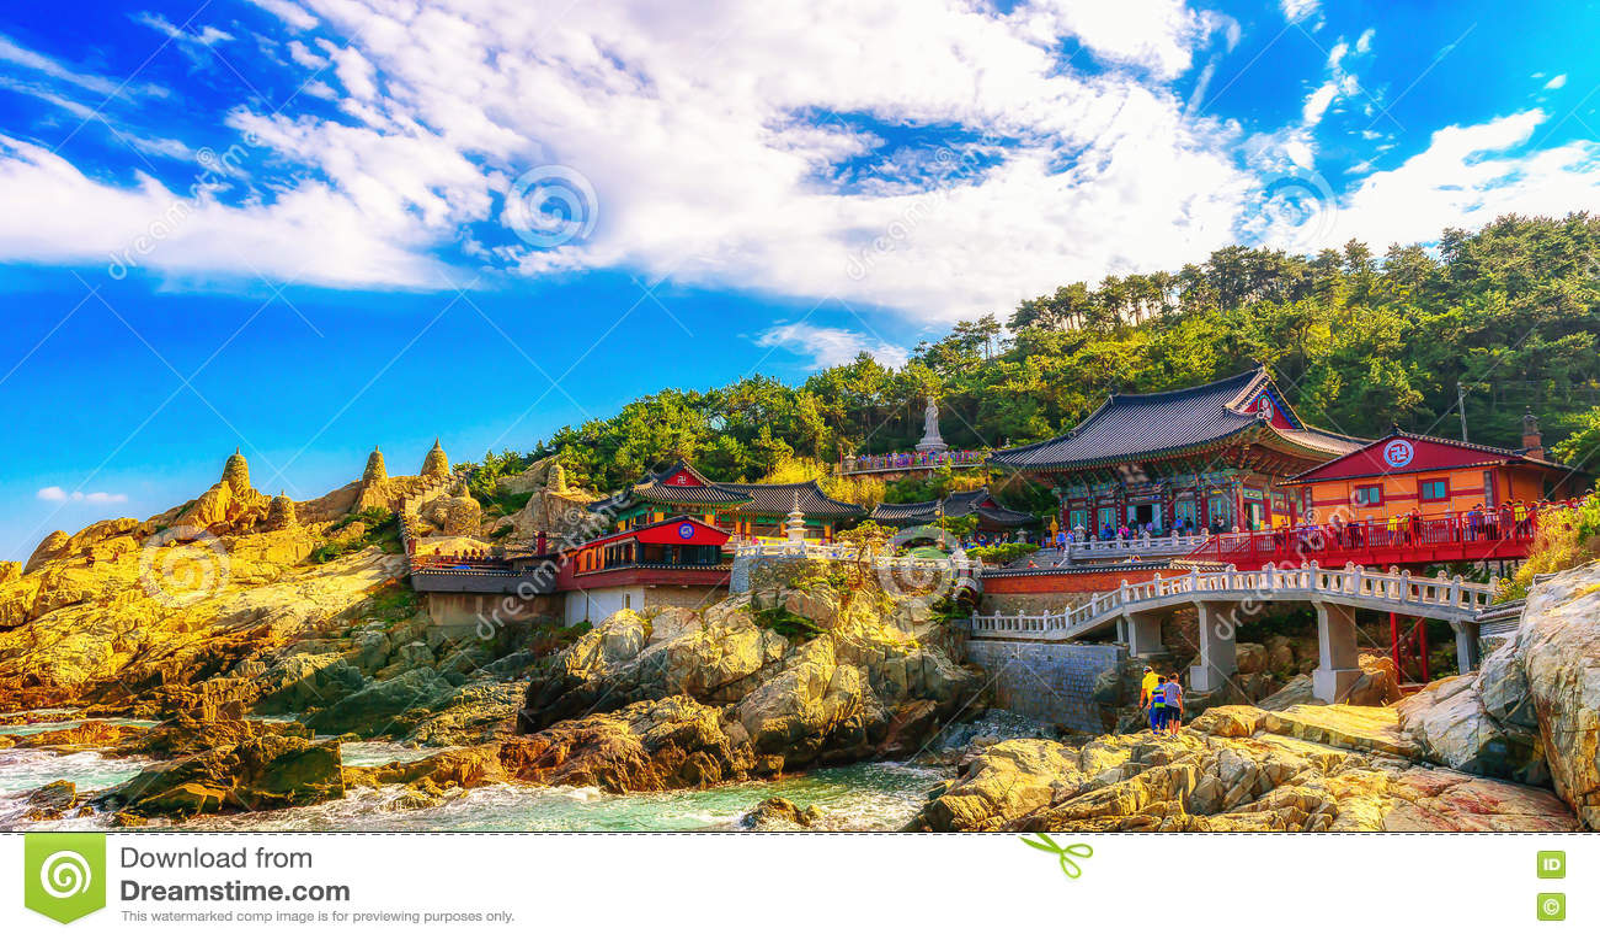 Tempel Haedong Yonggungsa und Haeundae-Meer in Busan